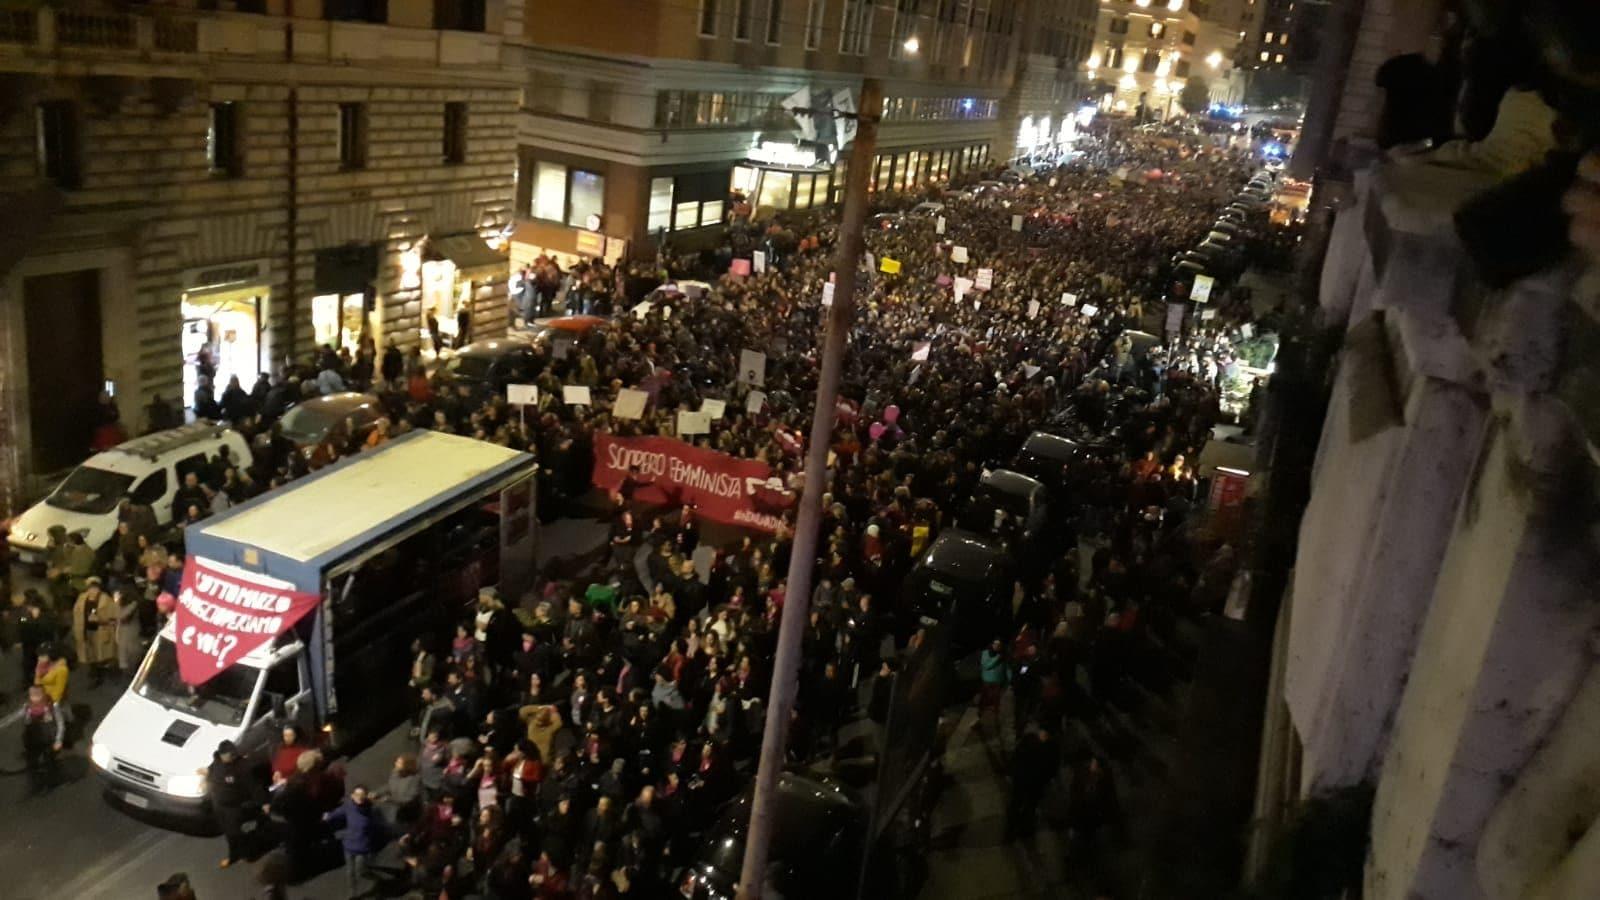 La manifestazione in via Cavour, foto @DinamoPress